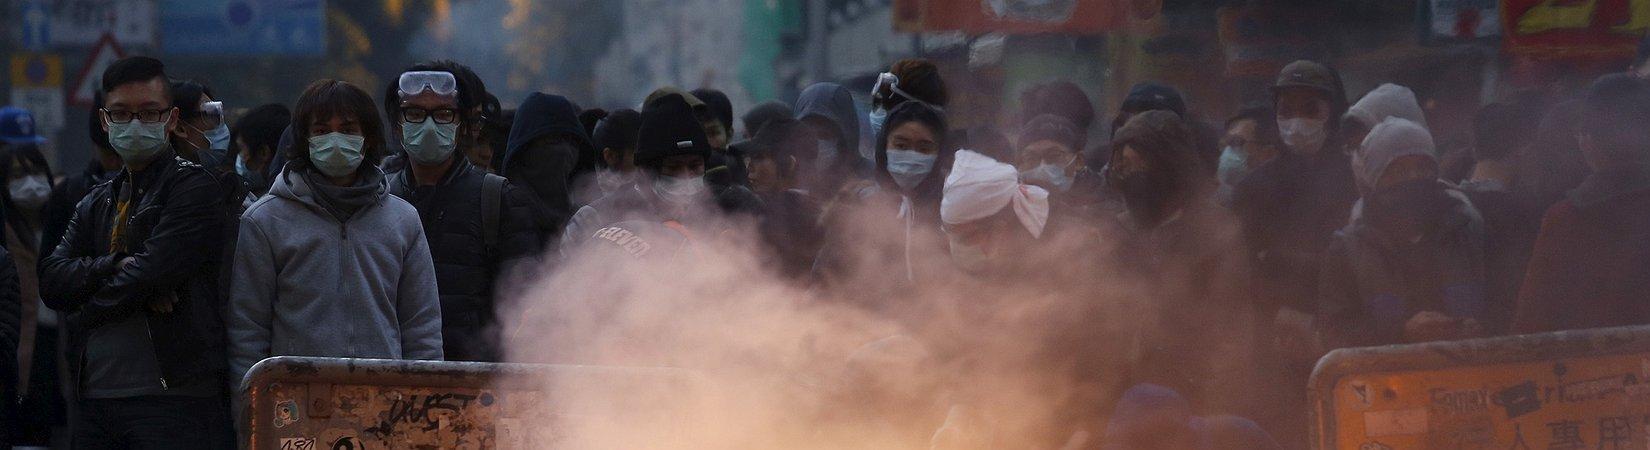 FOTO: Unruhen in Hong Kong